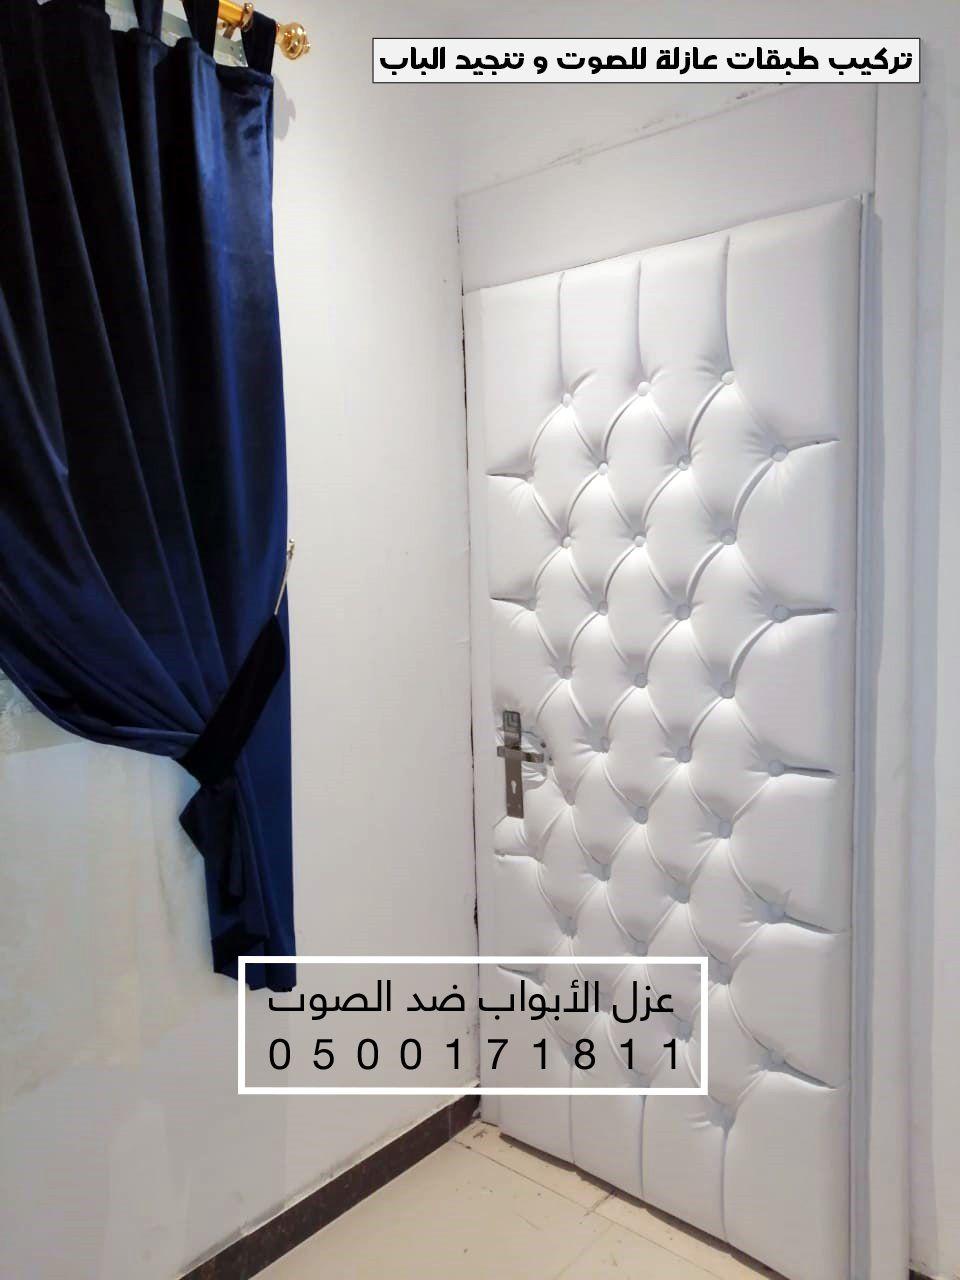 تركيب ديكور عازل صوت للأبواب في الرياض Decor Home Home Decor Decals